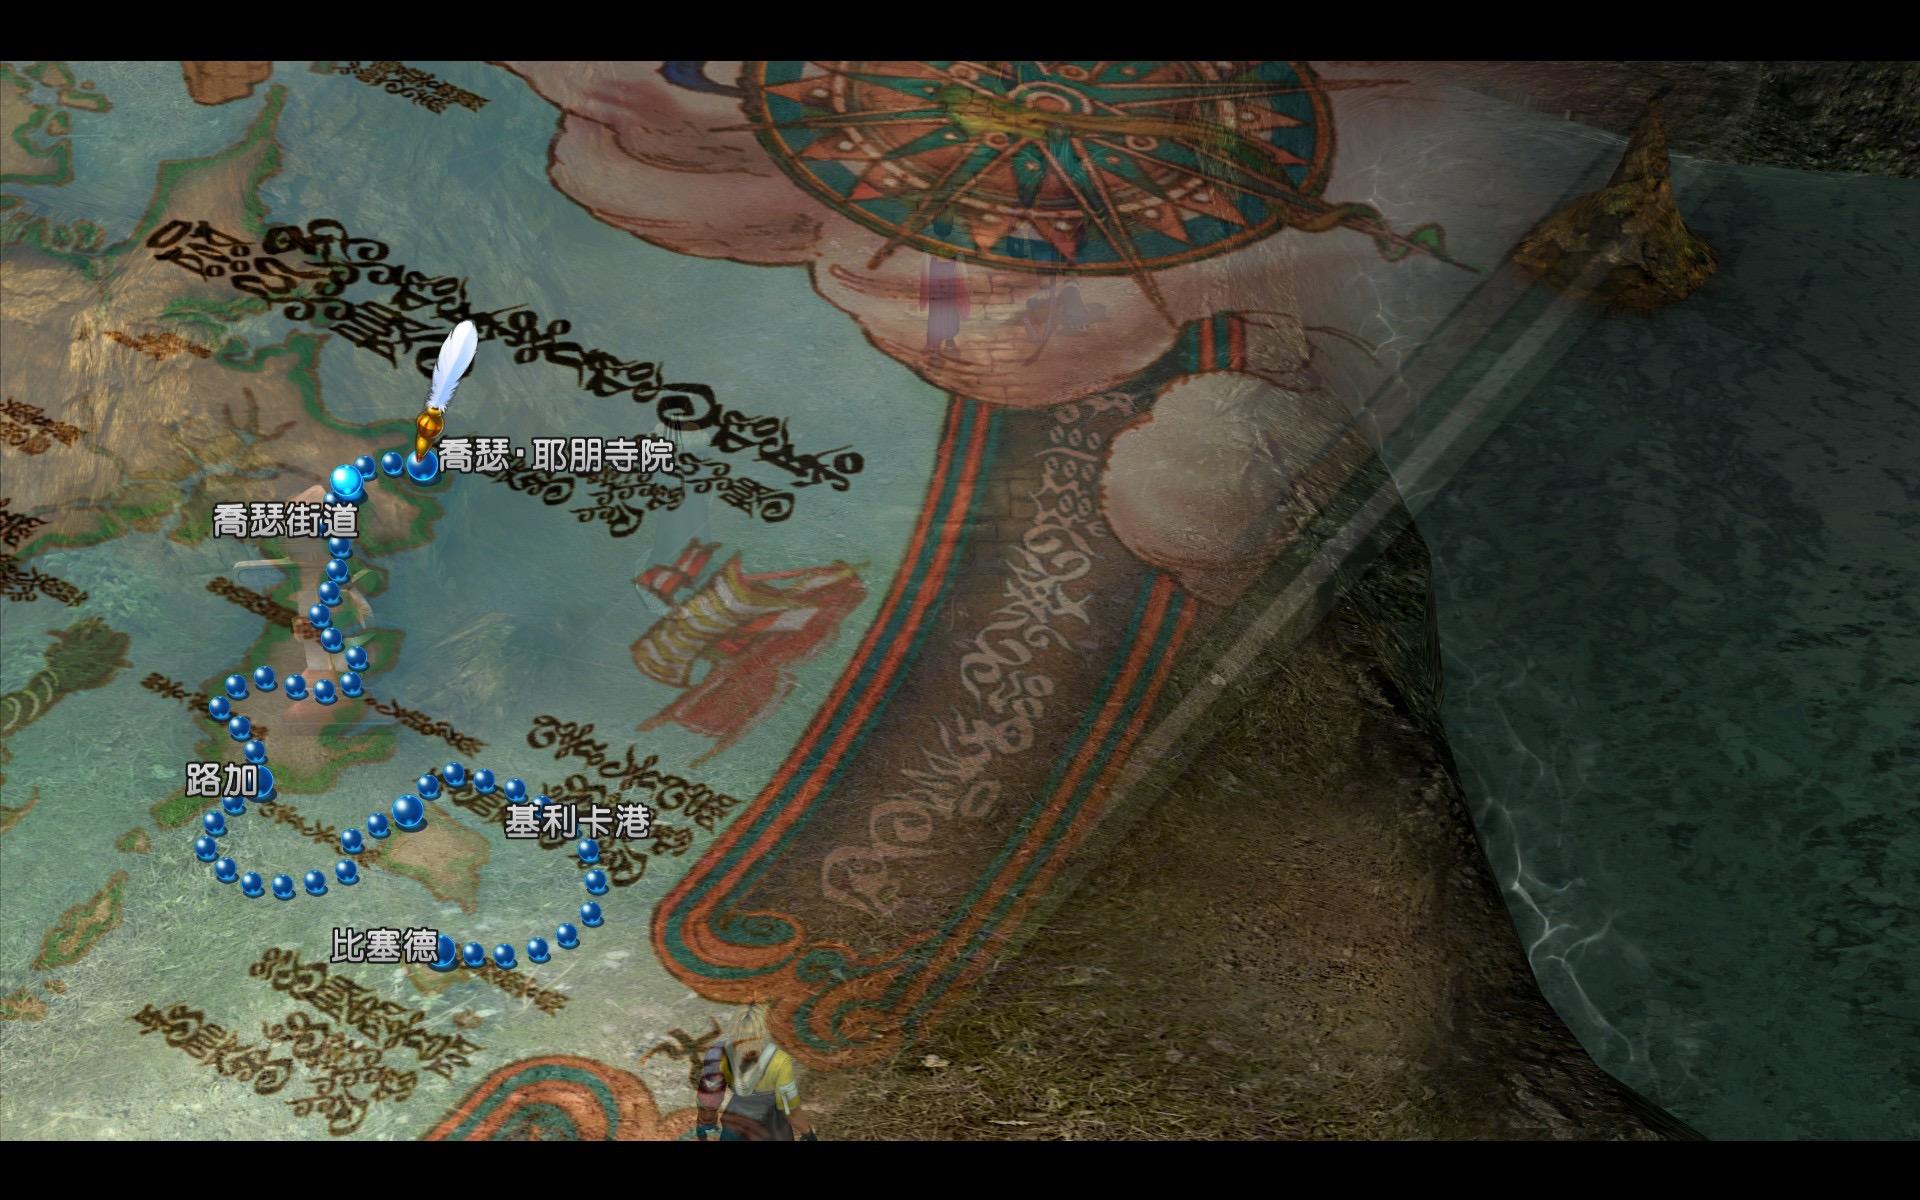 与辛的大战过后去往乔瑟寺院的路上,BGM《彷徨の炎》响起